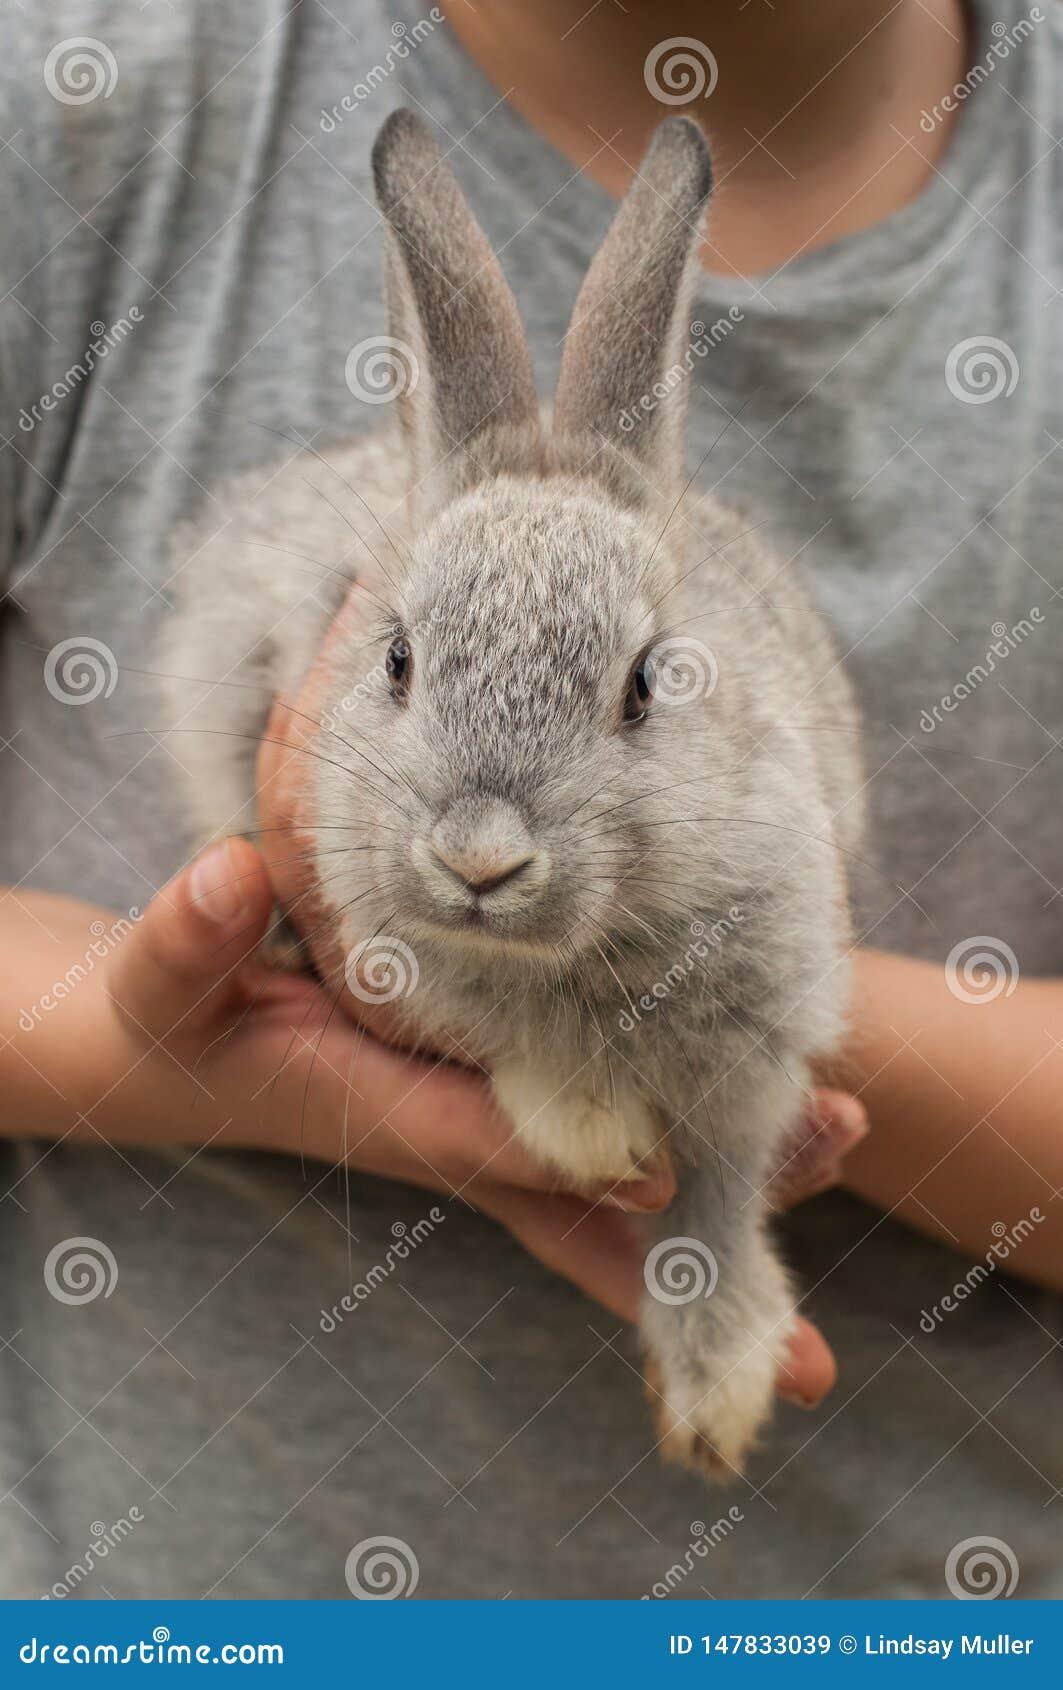 Мальчик в серой рубашке держа небольшого серого кролика